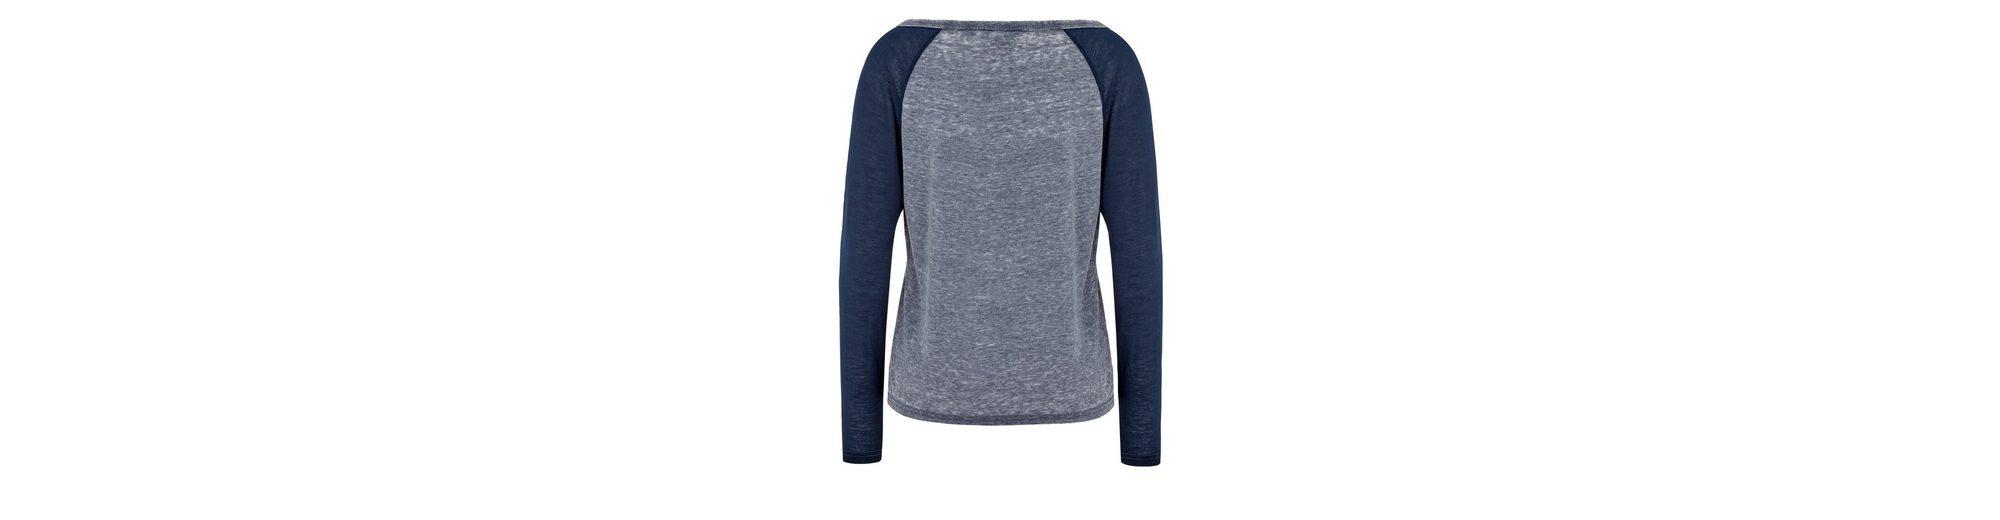 Lonsdale T-Shirt RHYNIE Auslass Günstigsten Preis gTjY3U